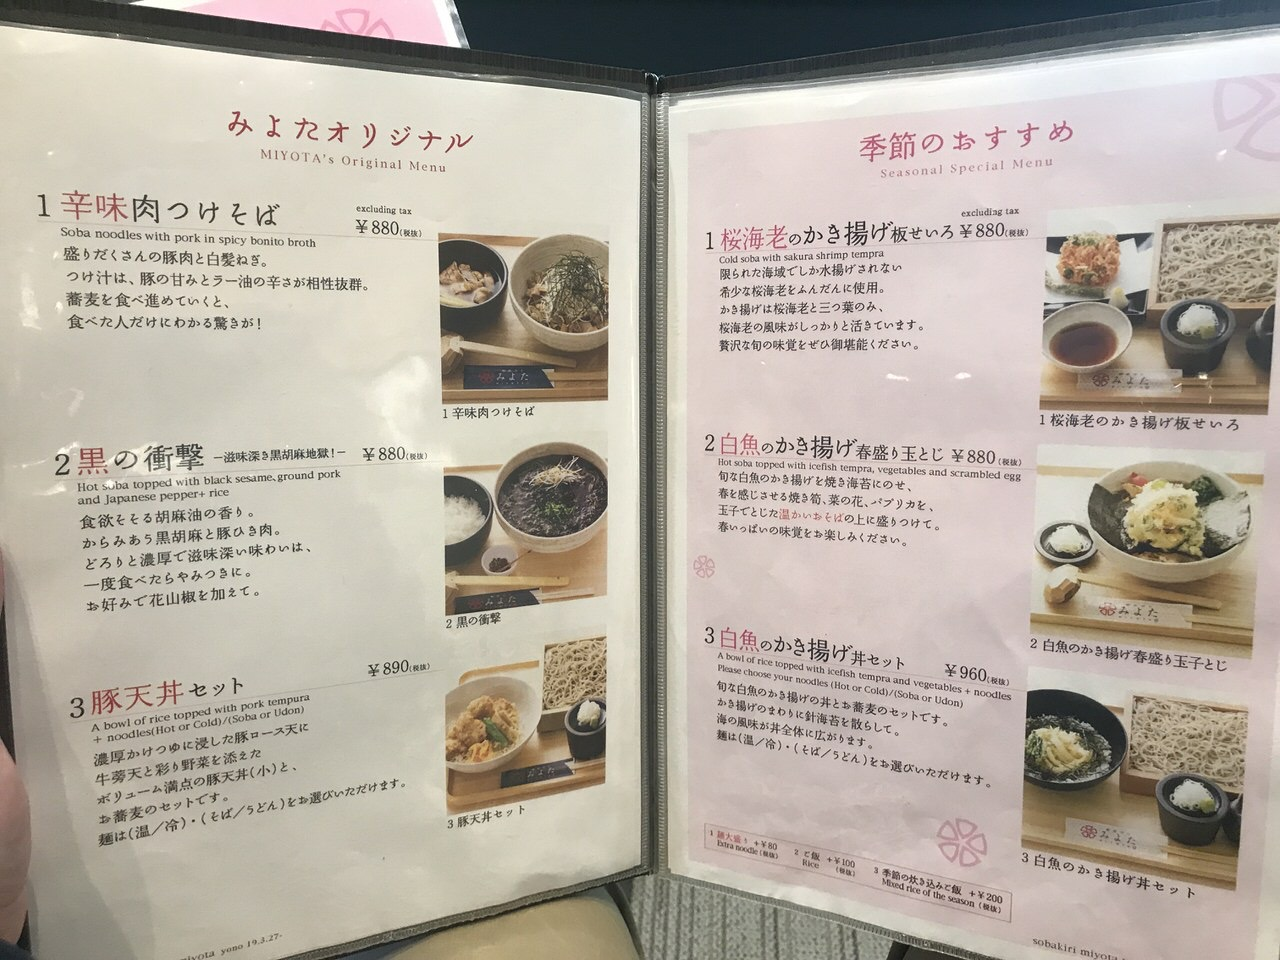 蕎麦きり みよた イオンモール与野店 3